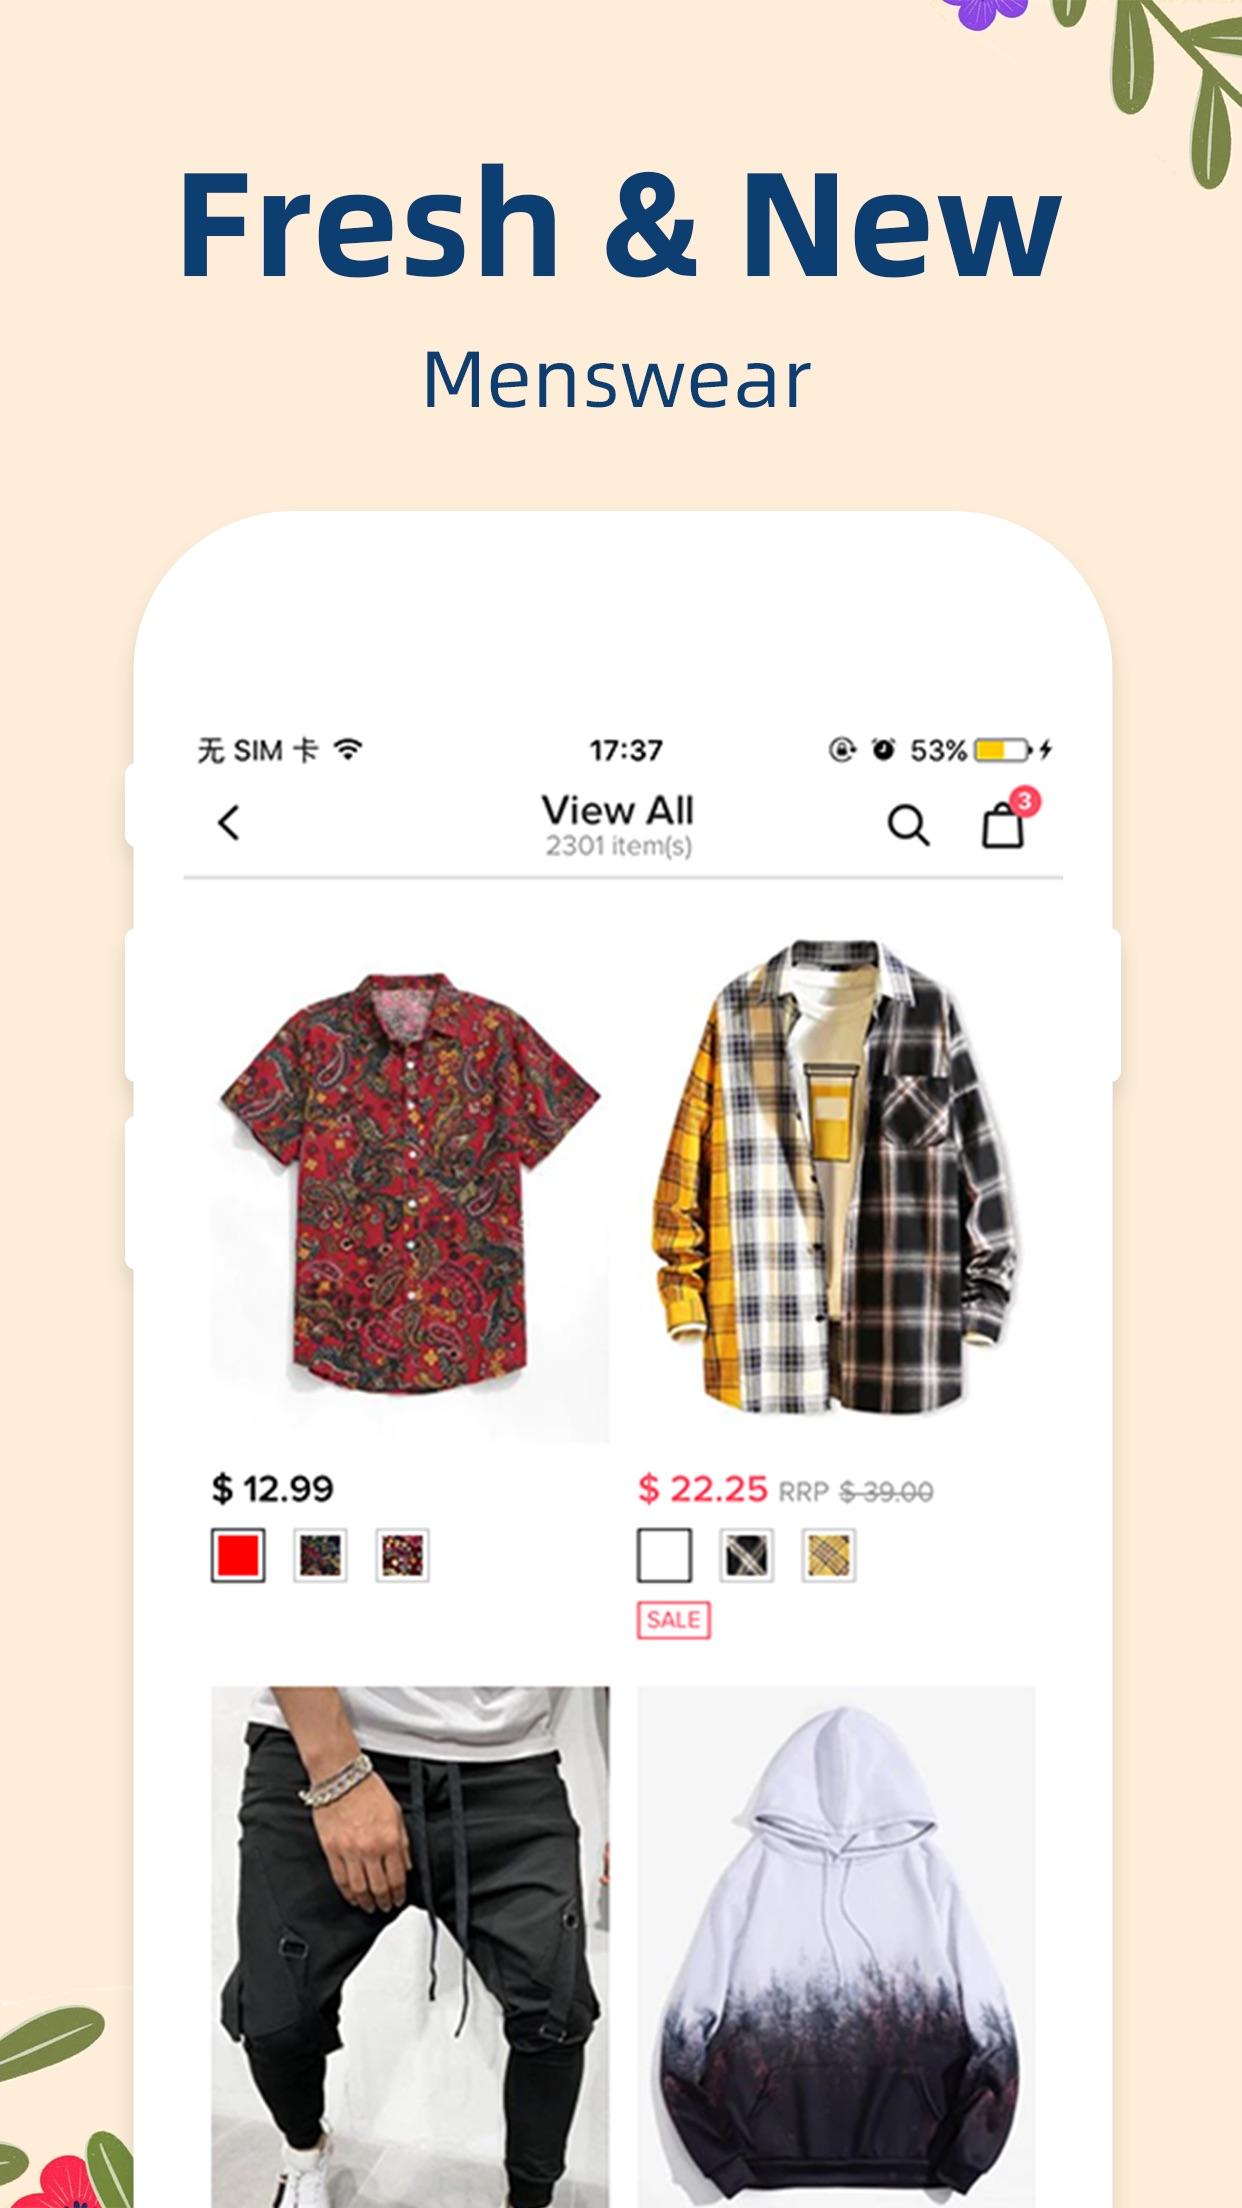 ZAFUL - My Fashion Story Screenshot